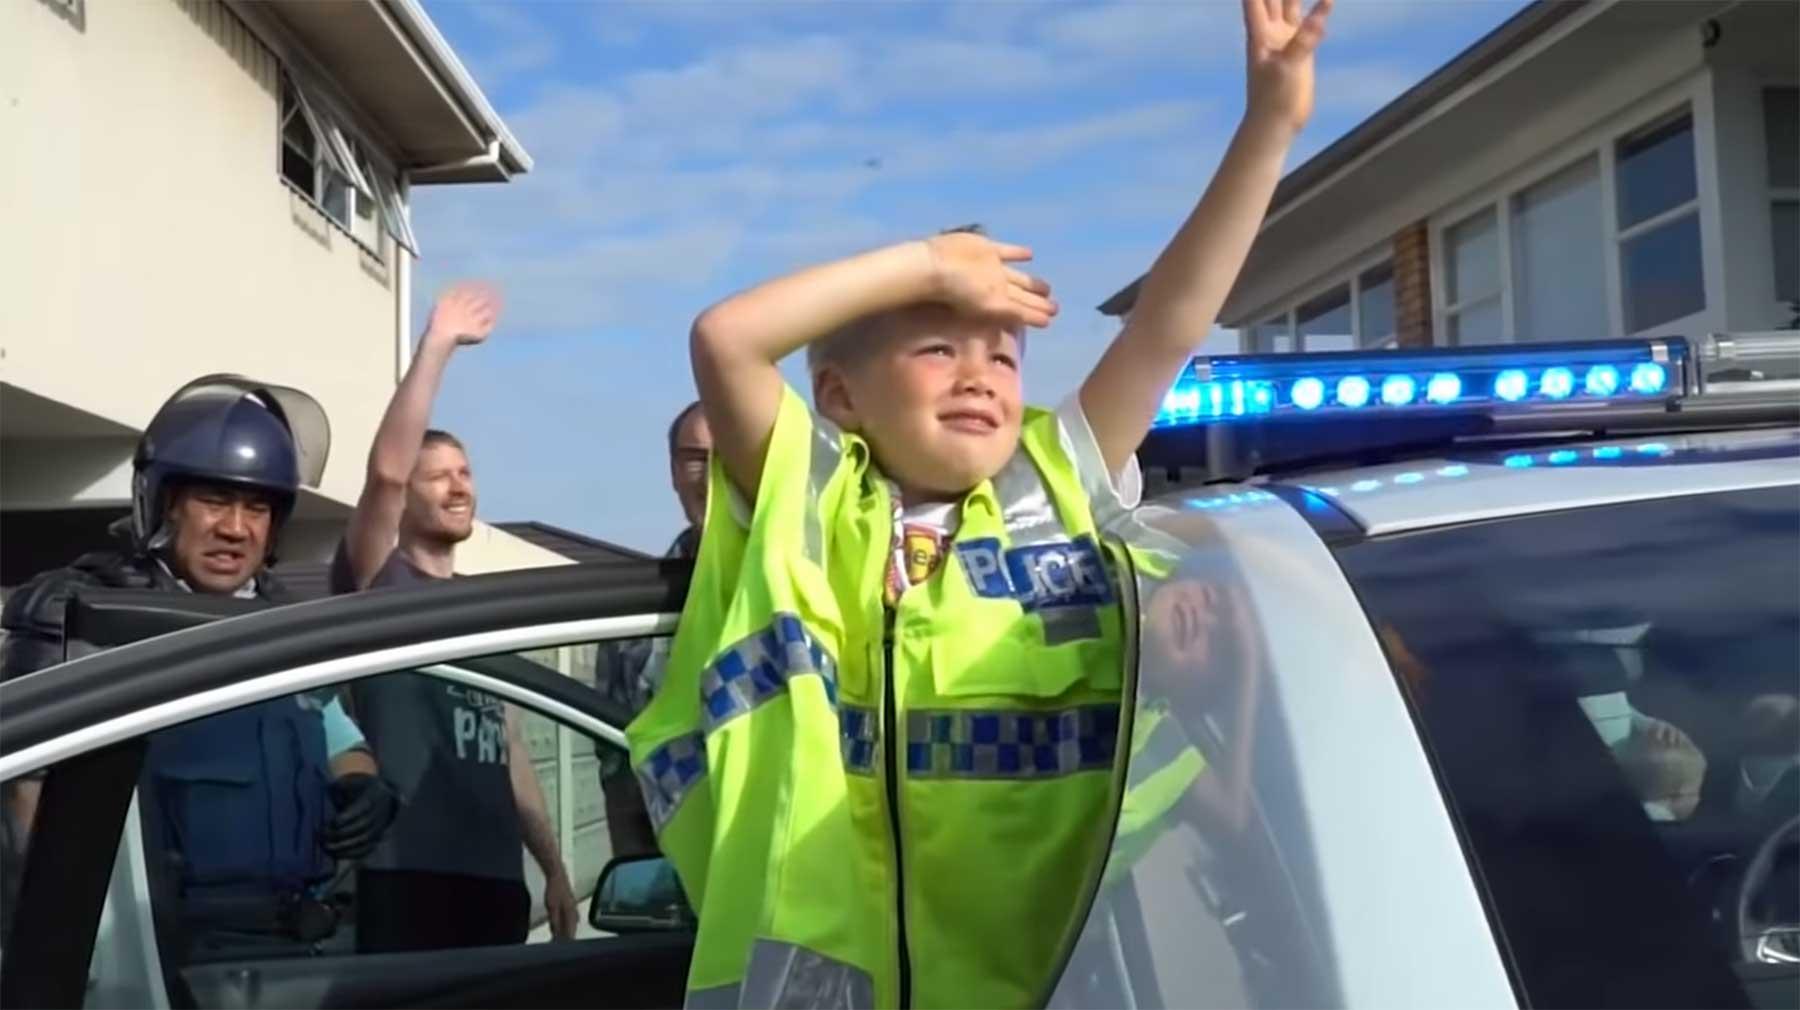 5-Jähriger ruft Polizei an, um sie zu seiner Geburtstagsparty einzuladen